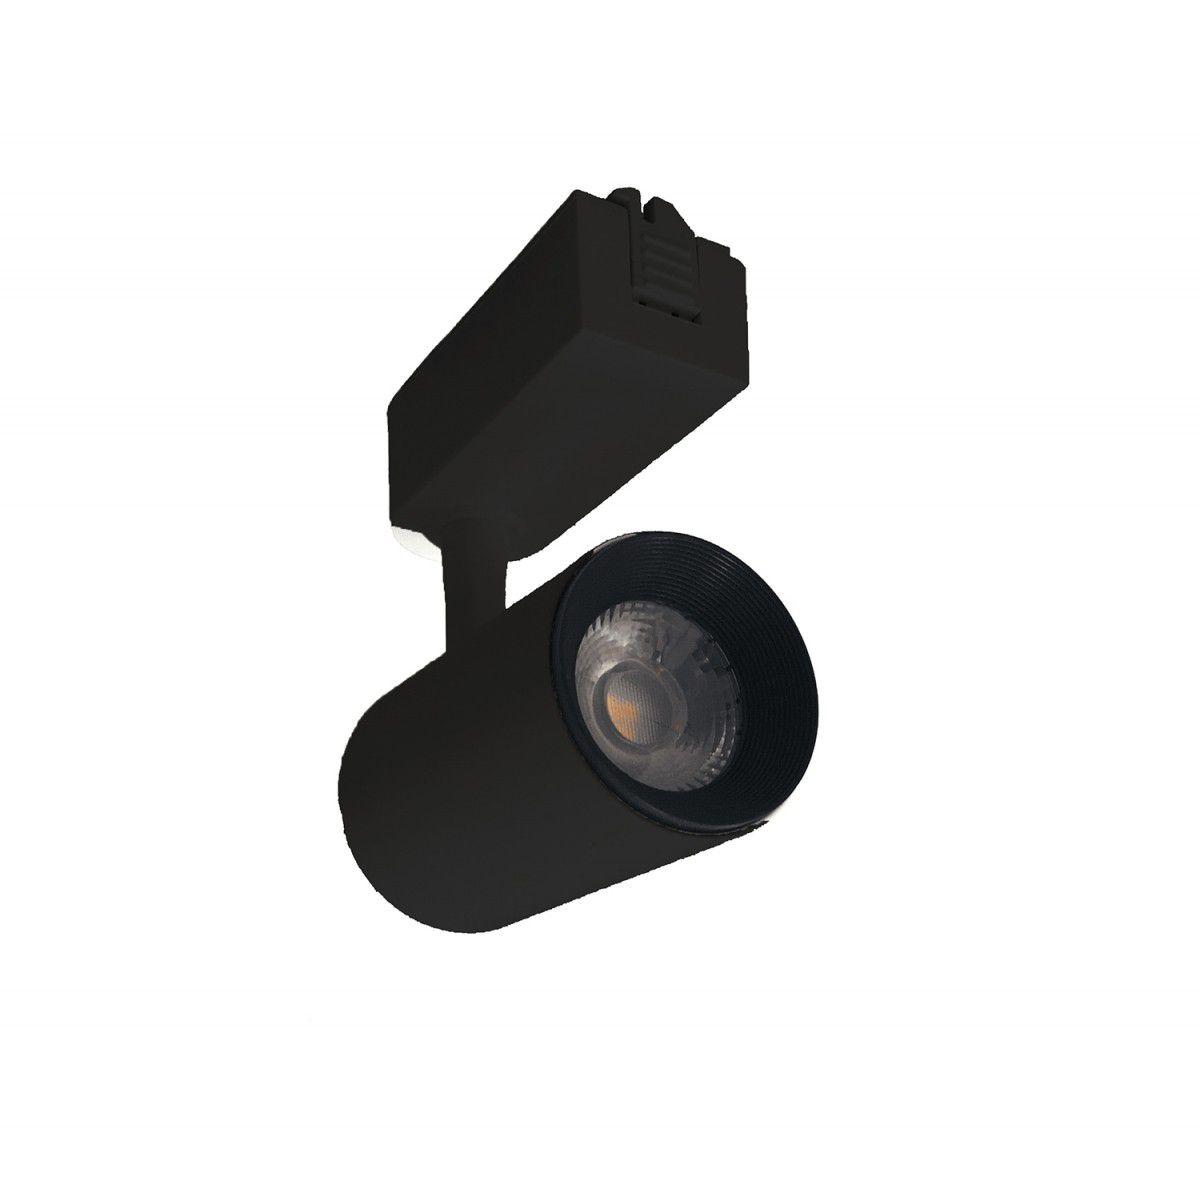 Kit 01 Trilho Eletrificado 60cm + 2 Spots 7w LED 6000k Luz Branca